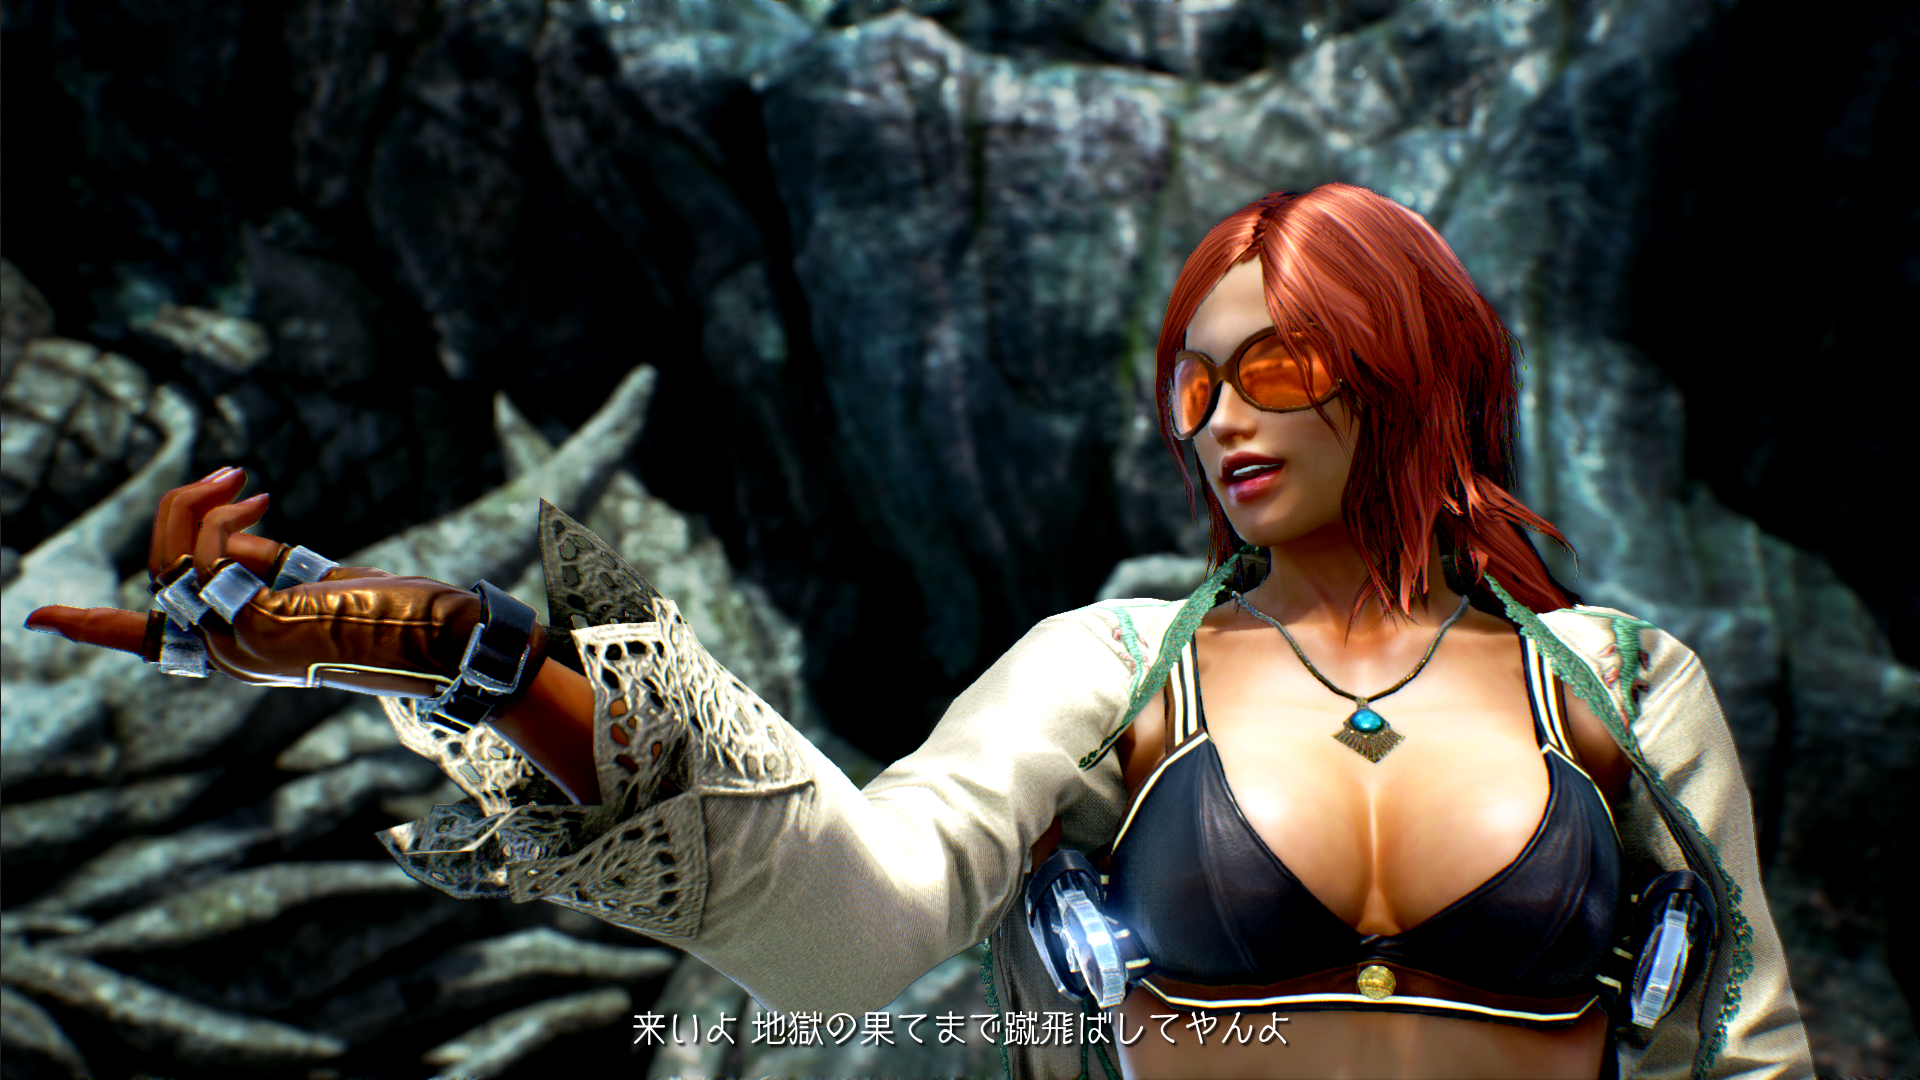 tekken 7 master raven artwork amp gameplay full balance